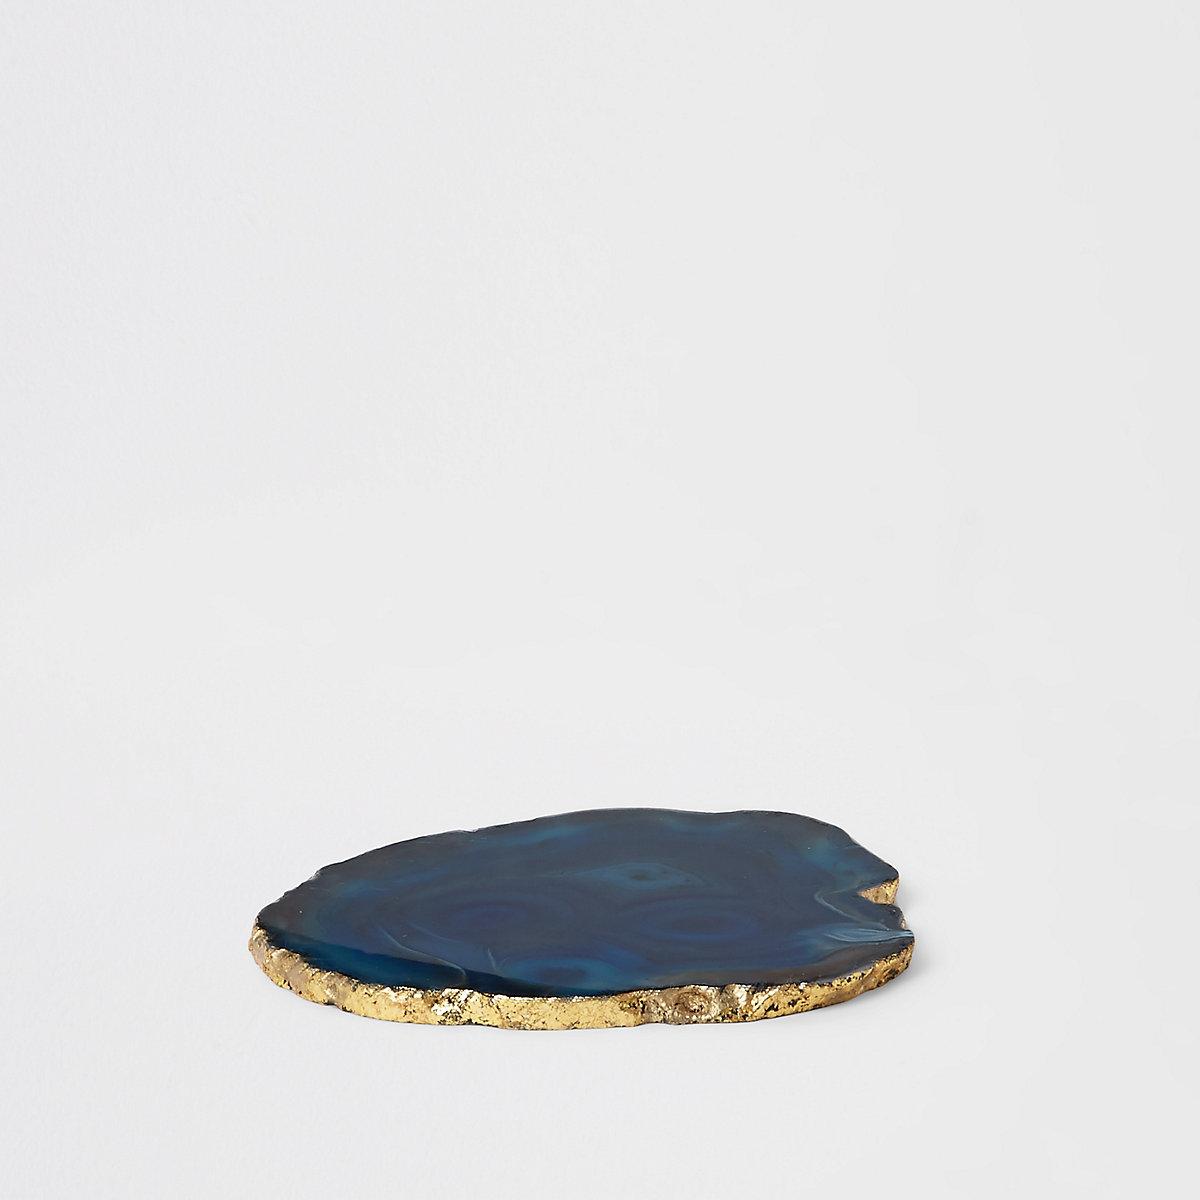 Sous-verre agate bleu